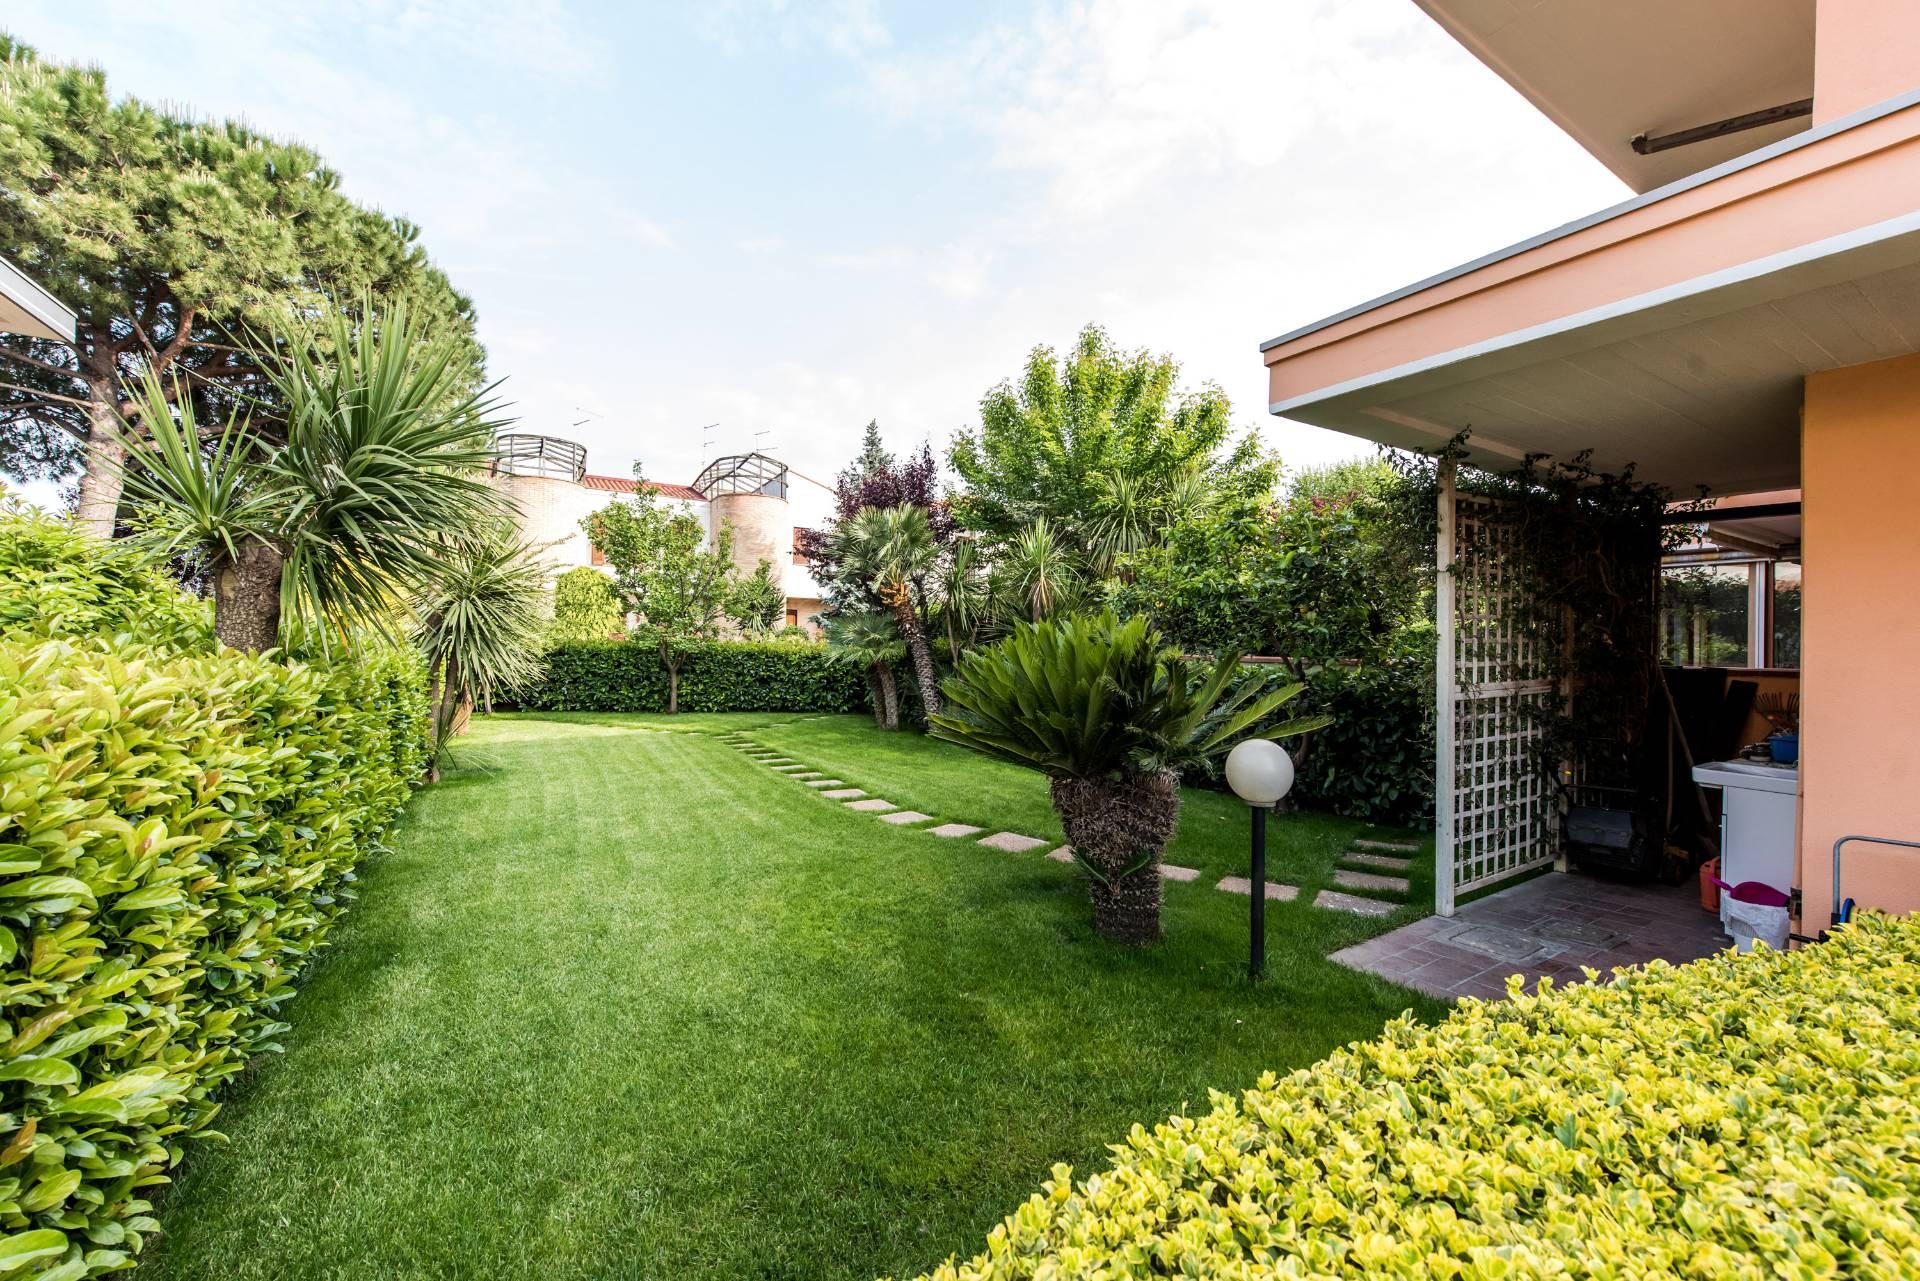 Villa in vendita a Francavilla al Mare, 6 locali, prezzo € 220.000 | CambioCasa.it